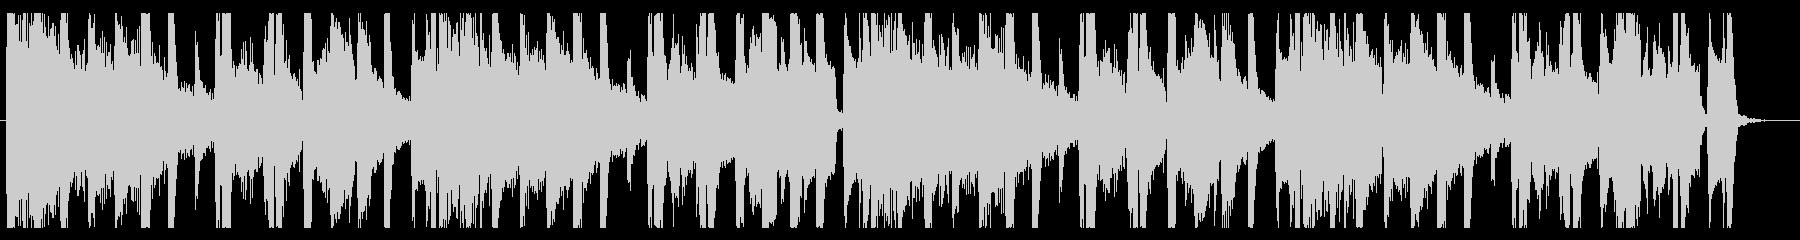 ムーディー/R&B_No395_4の未再生の波形